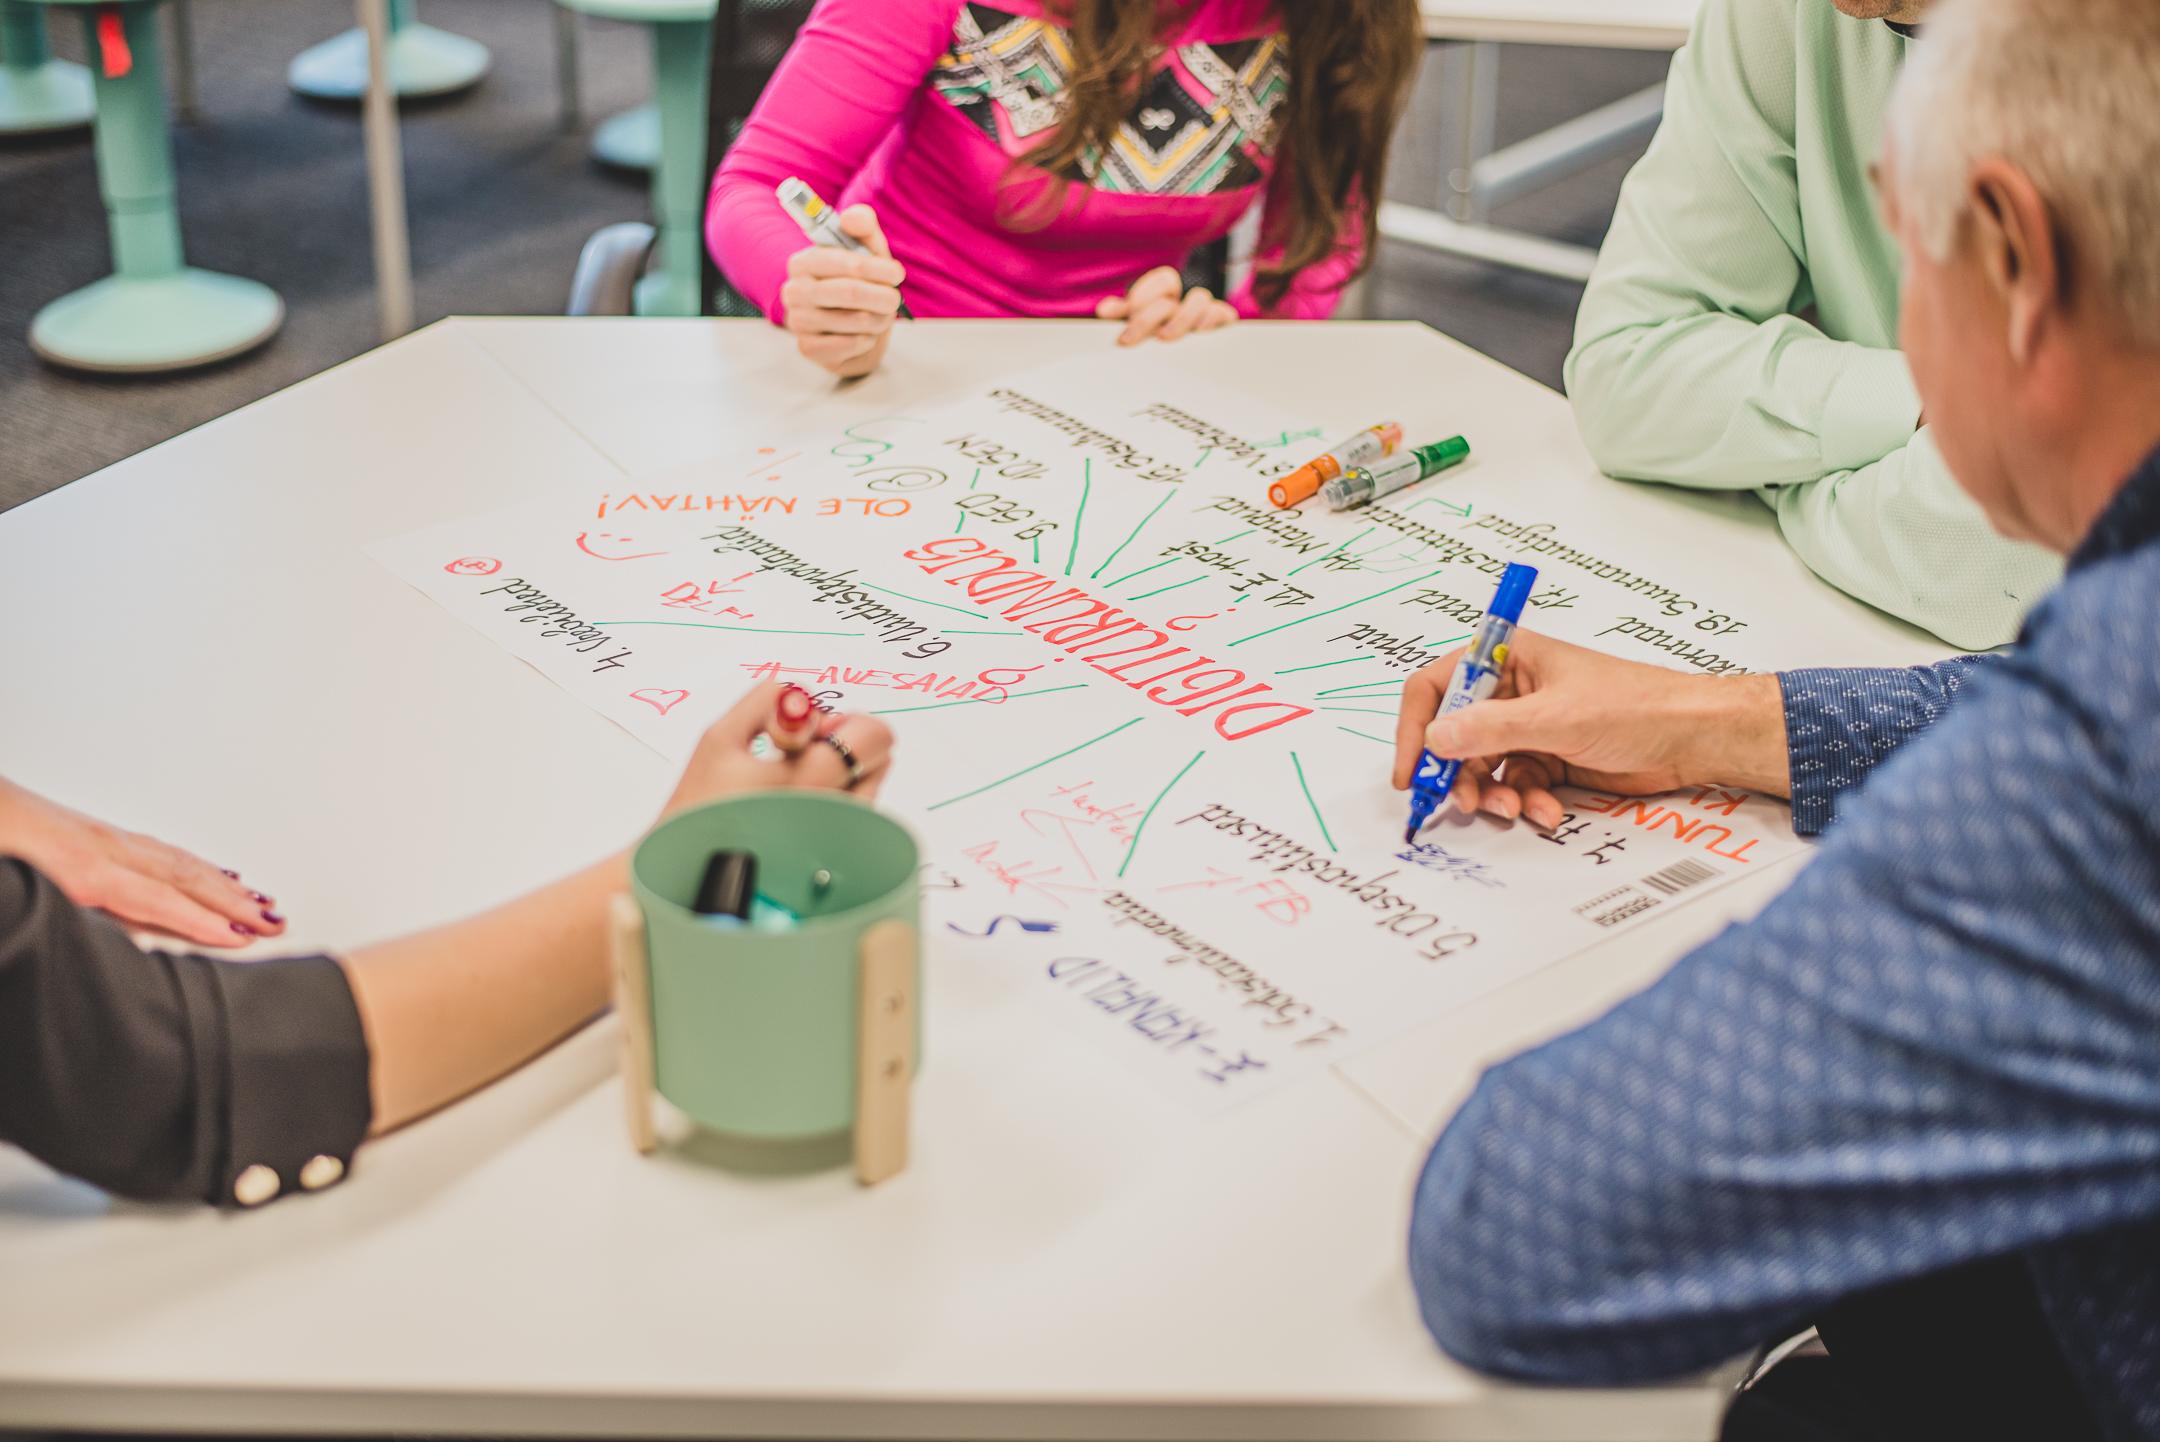 Ettevõtluse alustamise koolitus äriplaani koostamisega